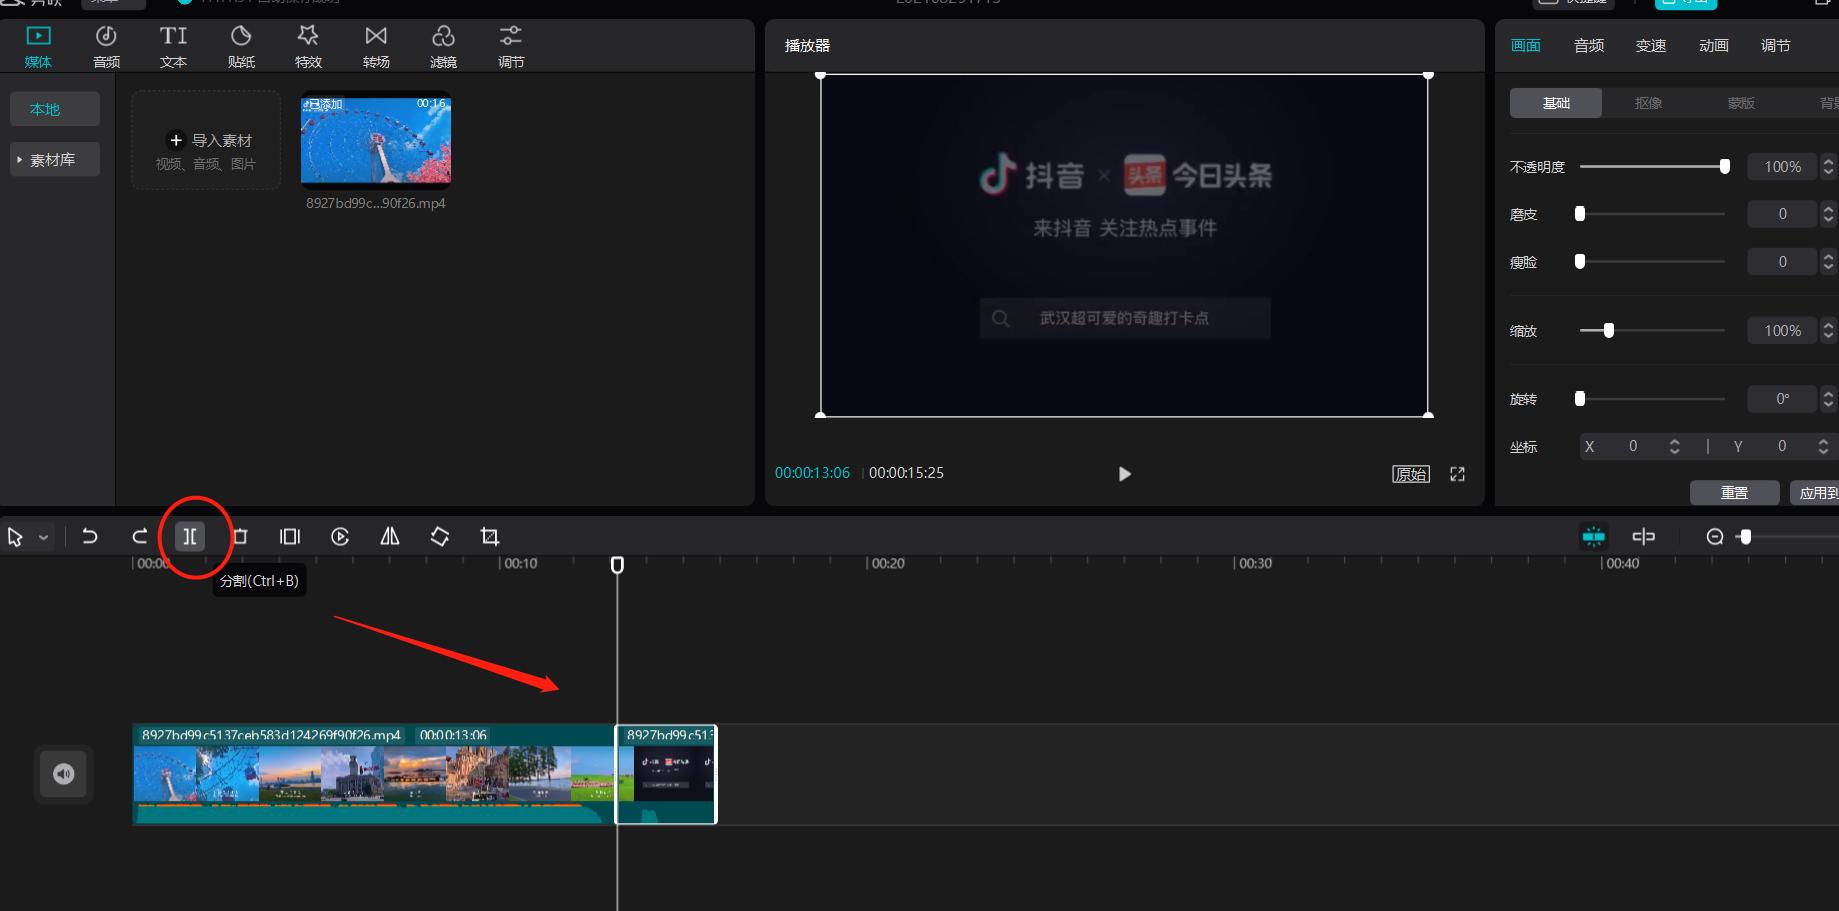 剪映如何剪掉视频中的一段